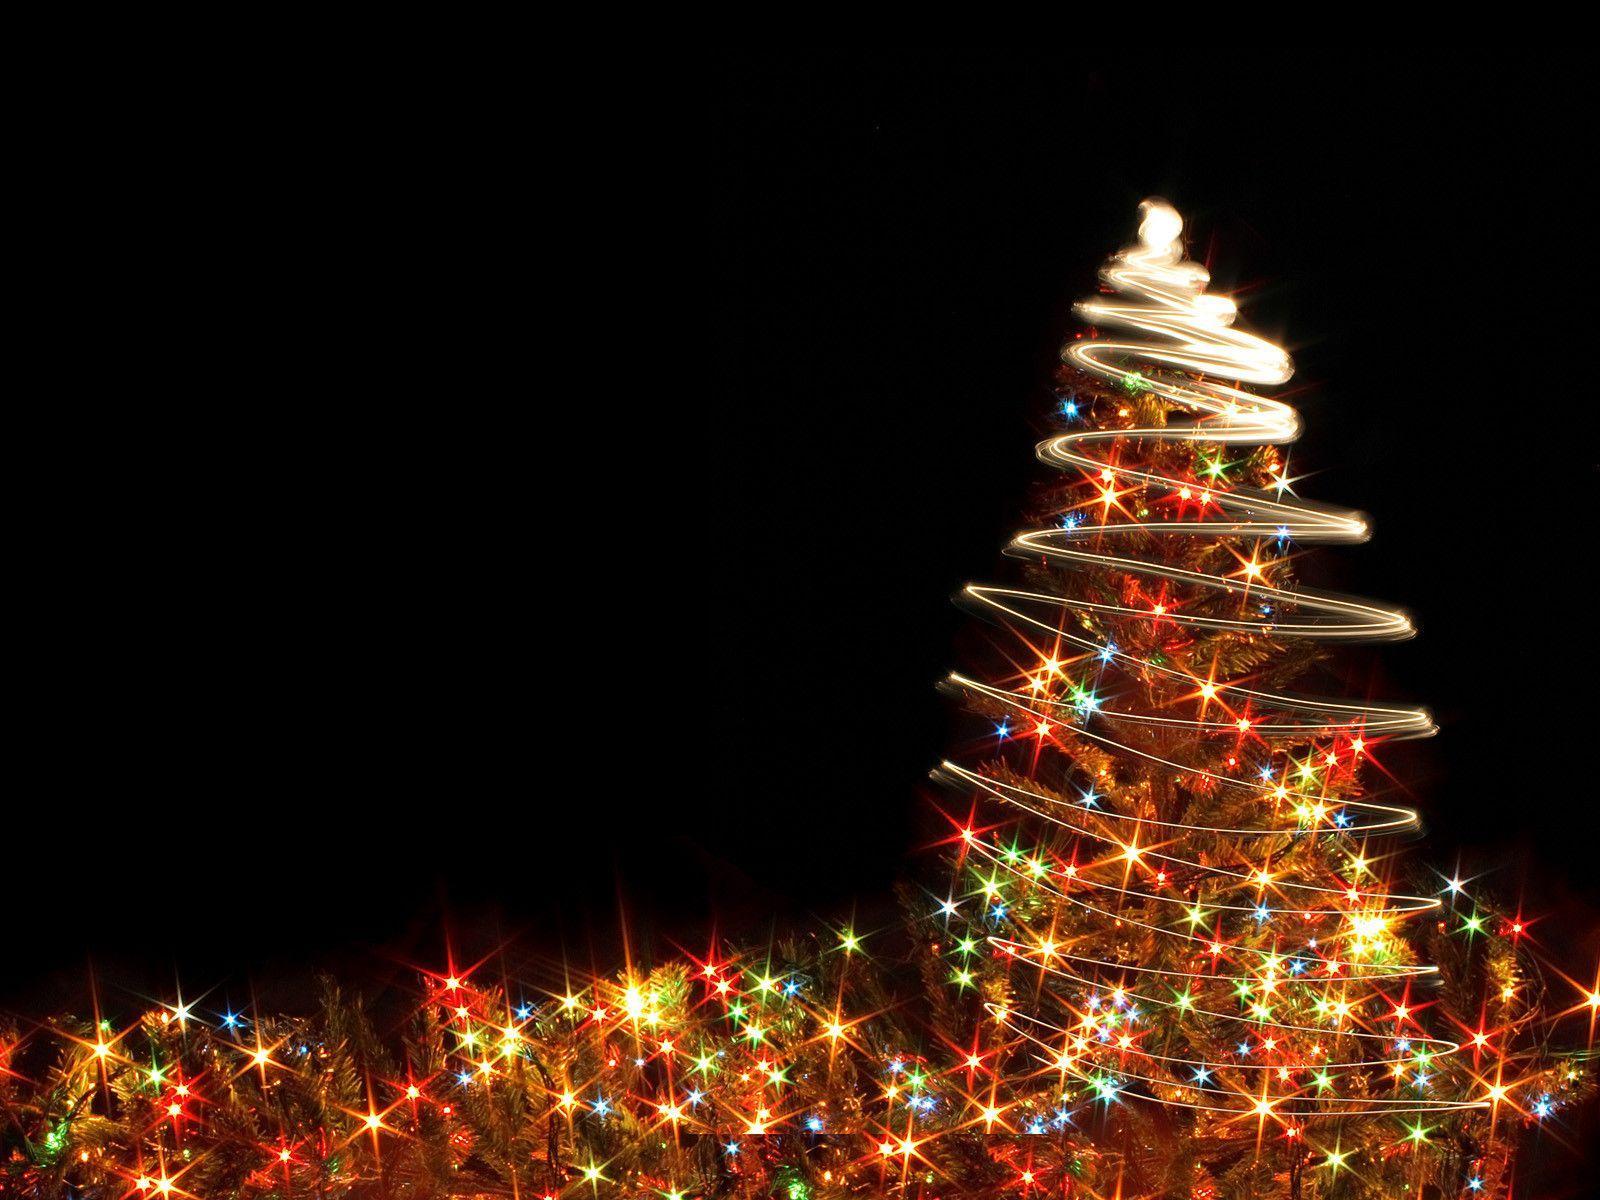 Hình nền máy tính Giáng sinh 1600x1200 - hình ảnh, hình ảnh, hình ảnh, bức ảnh.  Đầy